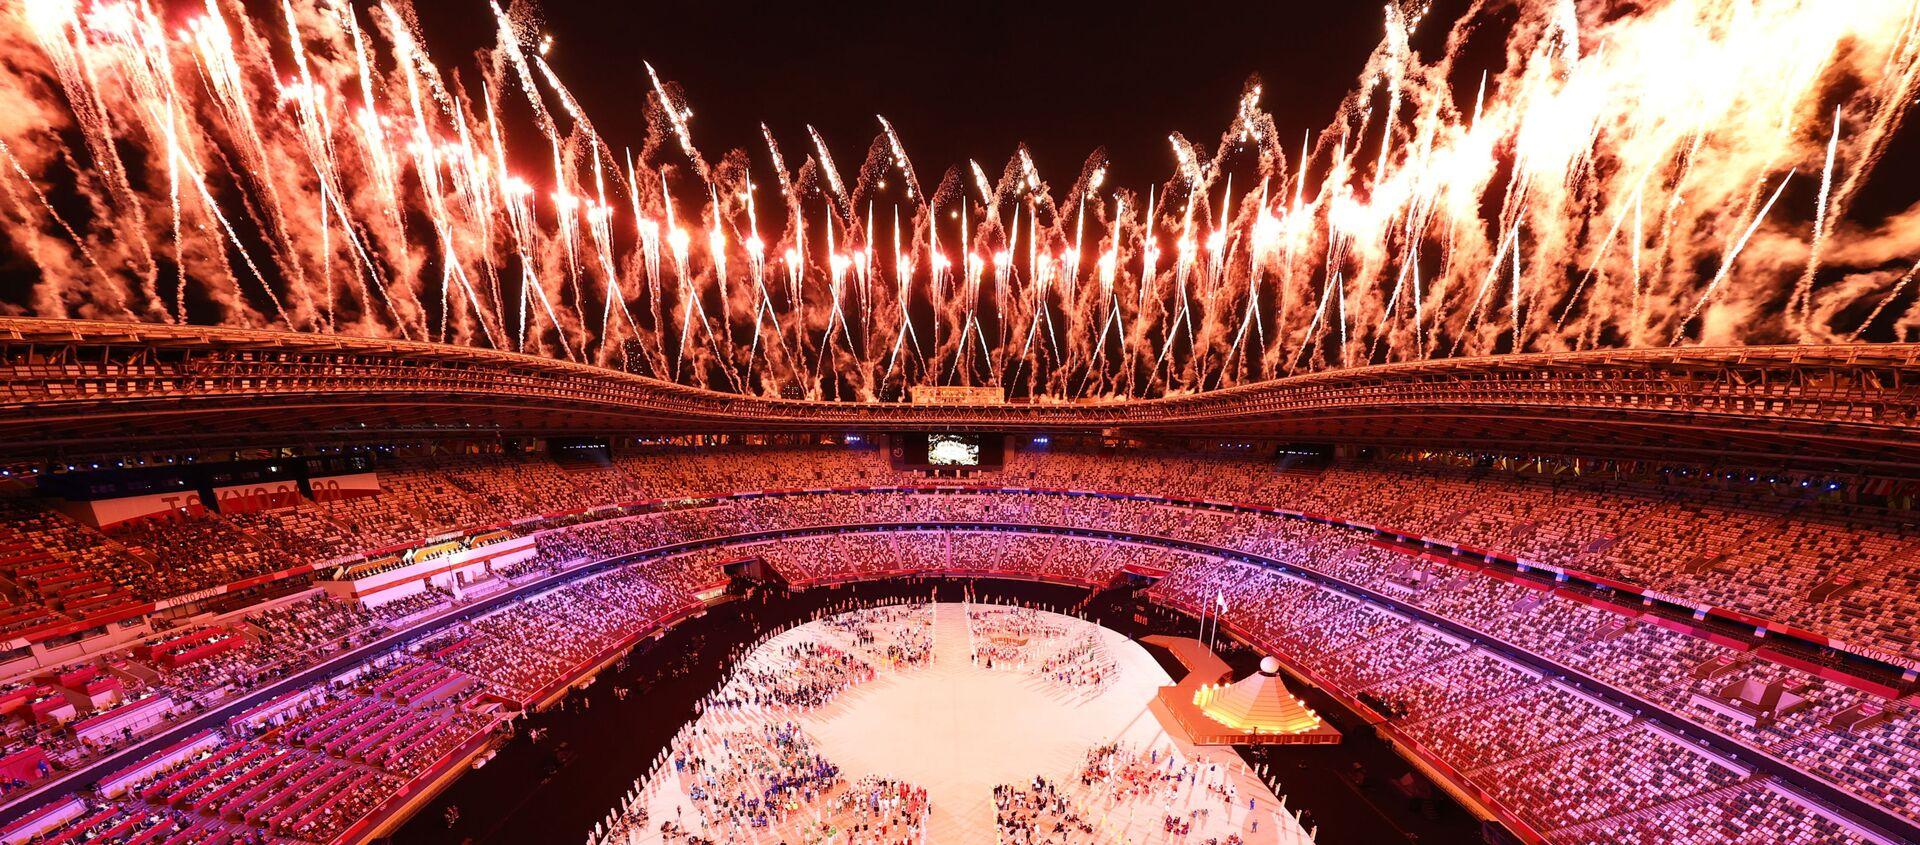 Bắn pháo hoa trên Sân vận động Olympic Quốc gia tại lễ khai mạc Thế vận hội Olympic mùa hè lần thứ XXXII ở Tokyo - Sputnik Việt Nam, 1920, 24.07.2021